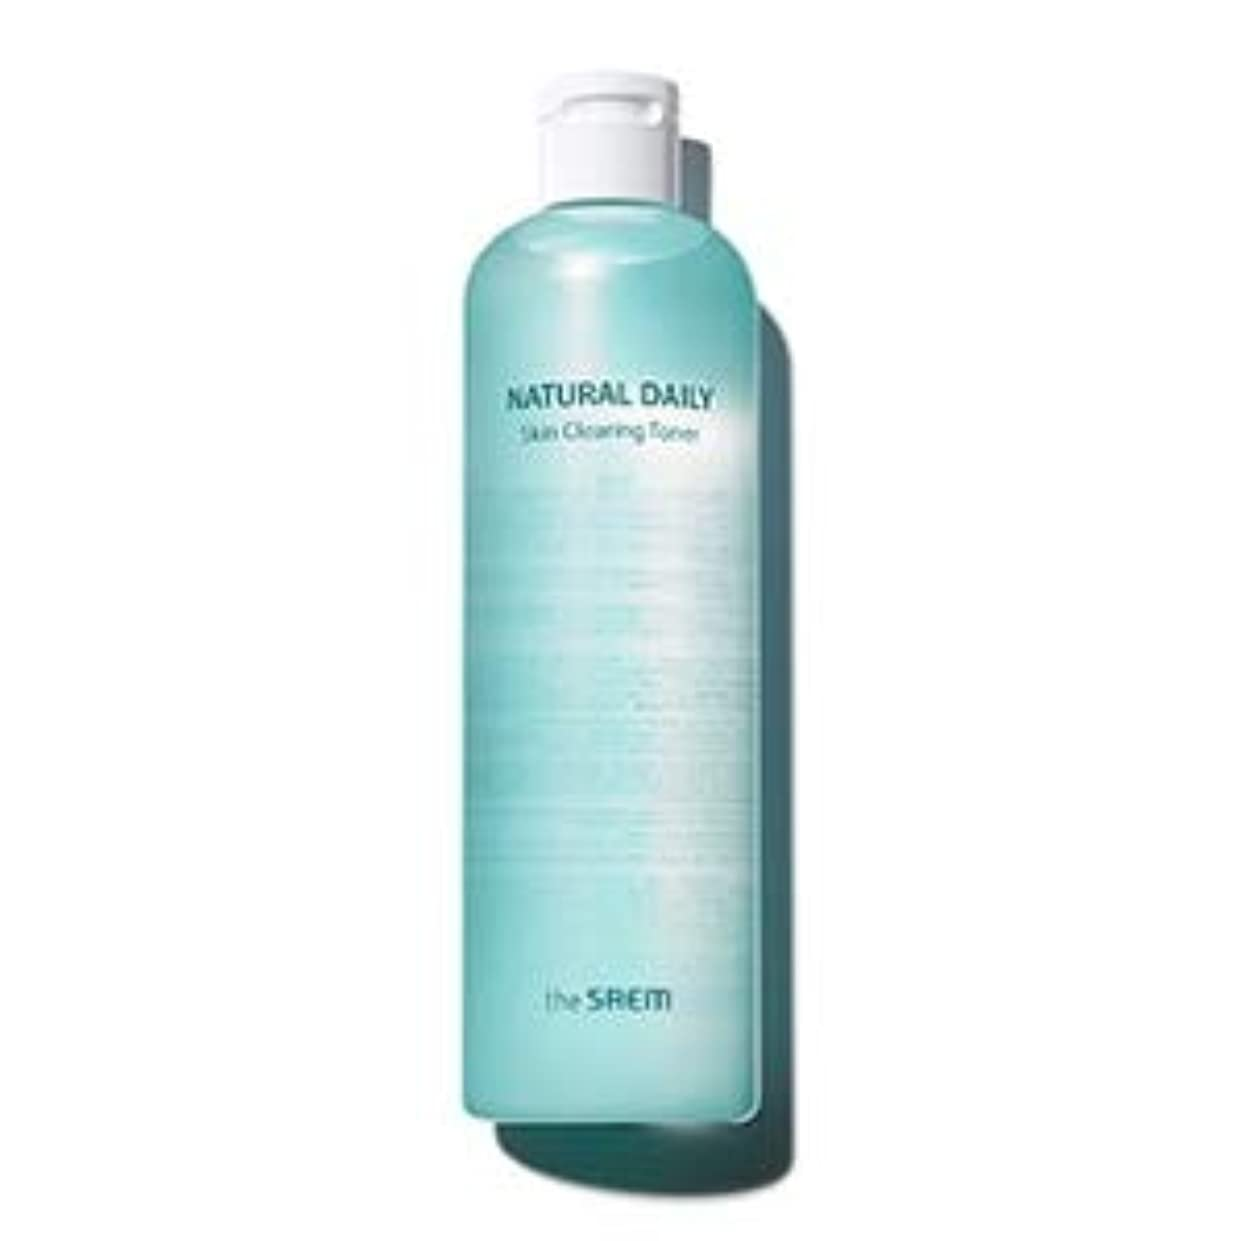 存在誘導め言葉ザセム ナチュラルデイリースキンクリアリングトナー500ml / The Saem Natural Daily Skin Clearing Toner 500ml [並行輸入品]